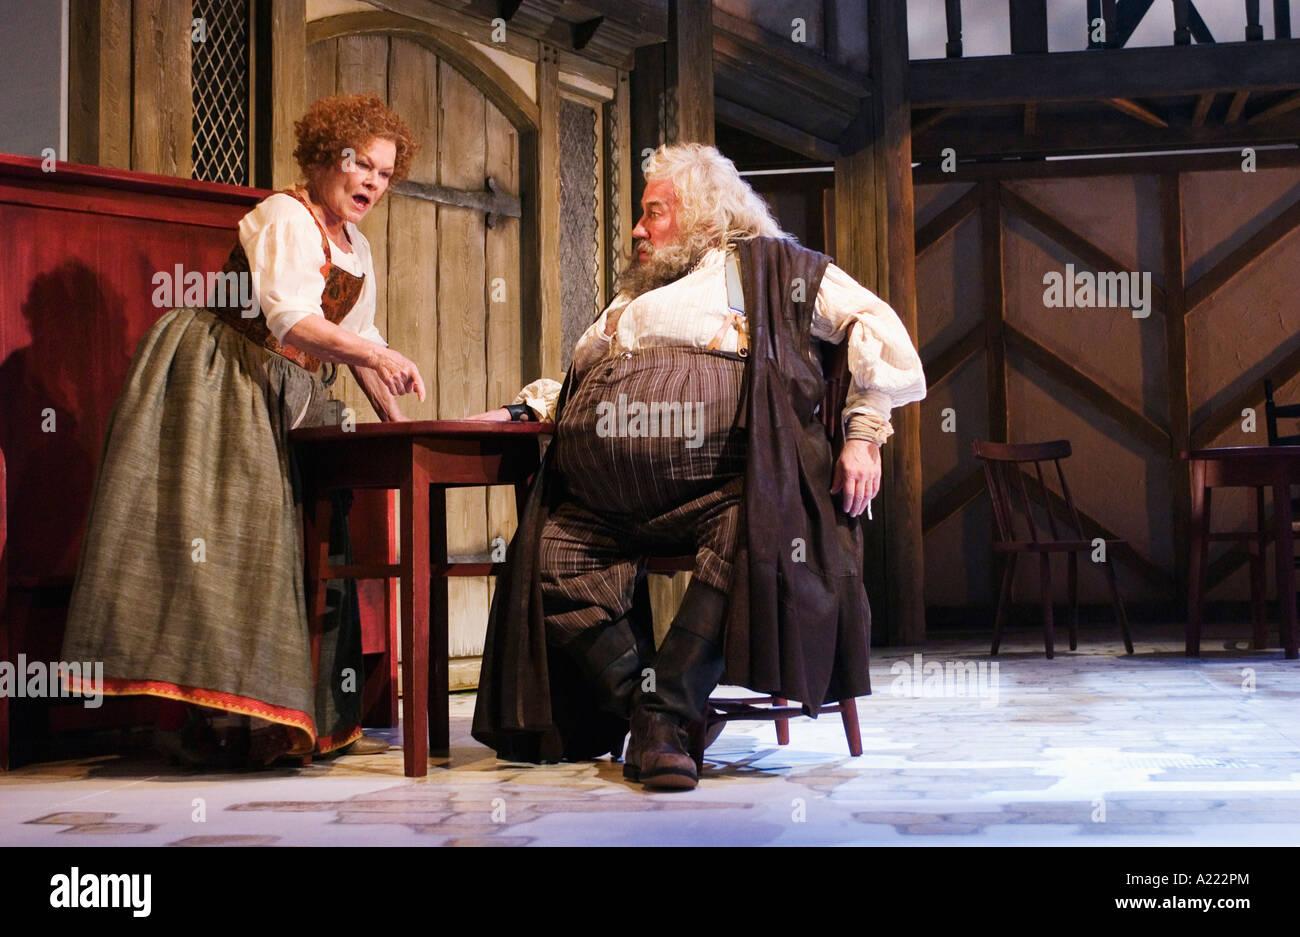 Mistress rápidamente interpretada por Judi Dench y Sir John Falstaff interpretado por Simon Callow Foto de stock